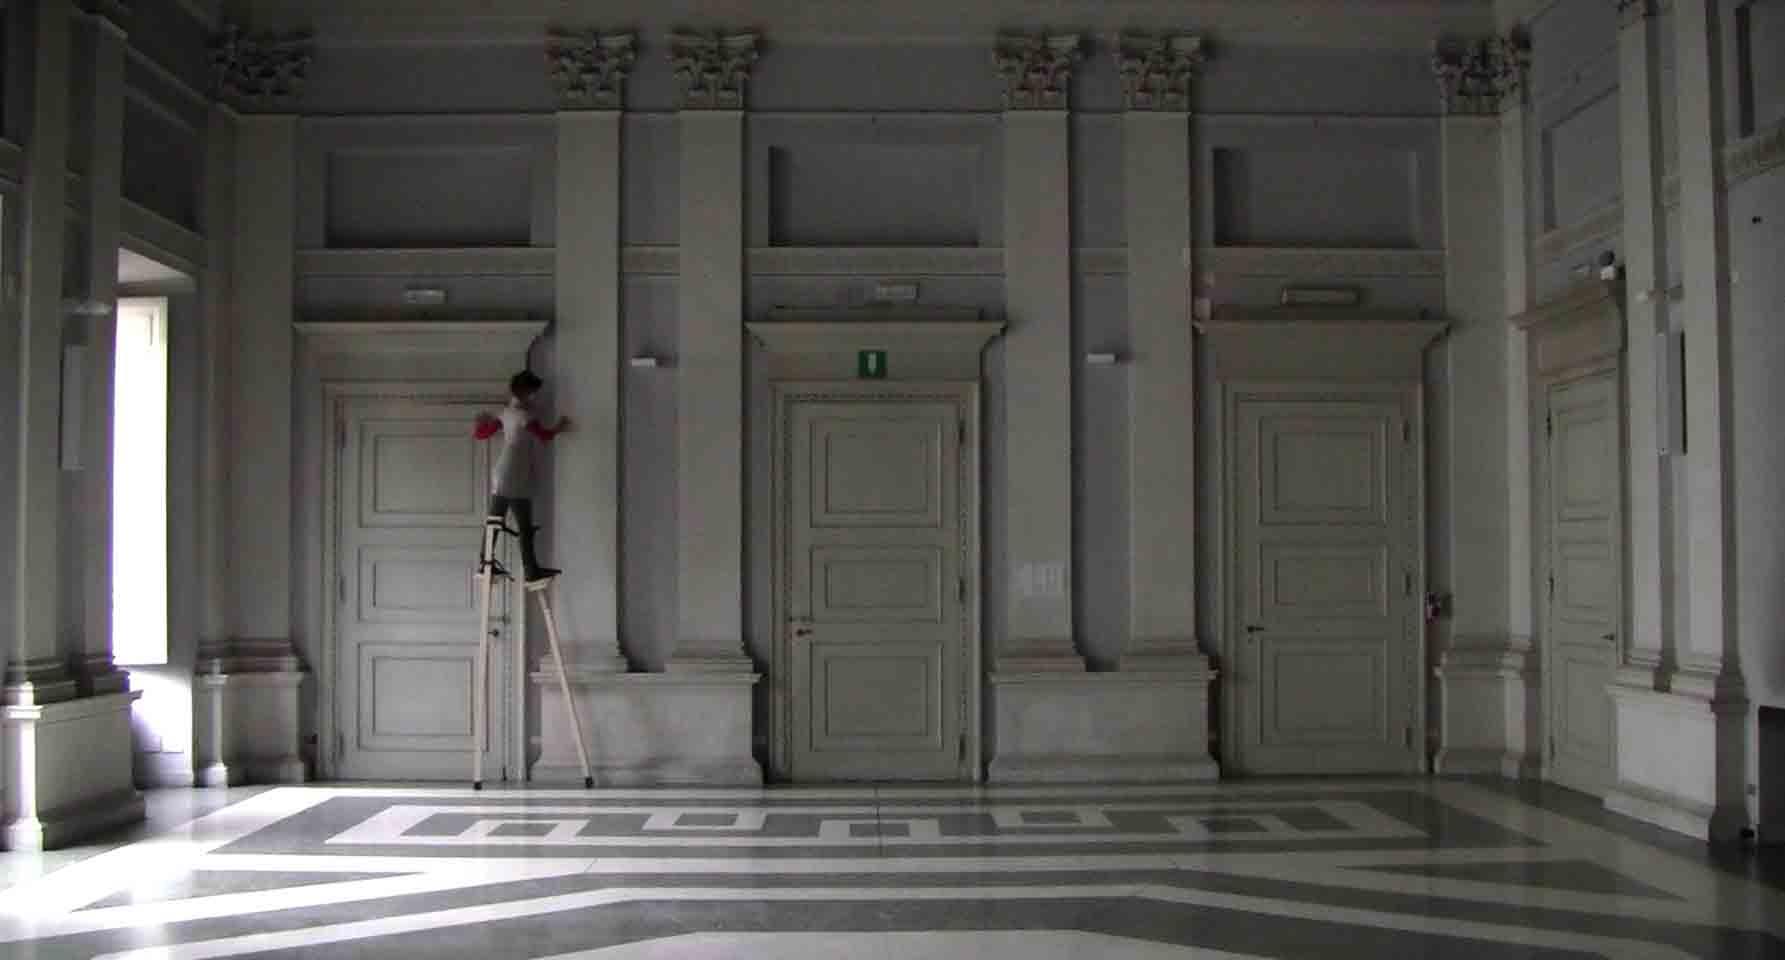 Giulia-Gallo-Unità-di-misura-molto-personale-video-2013